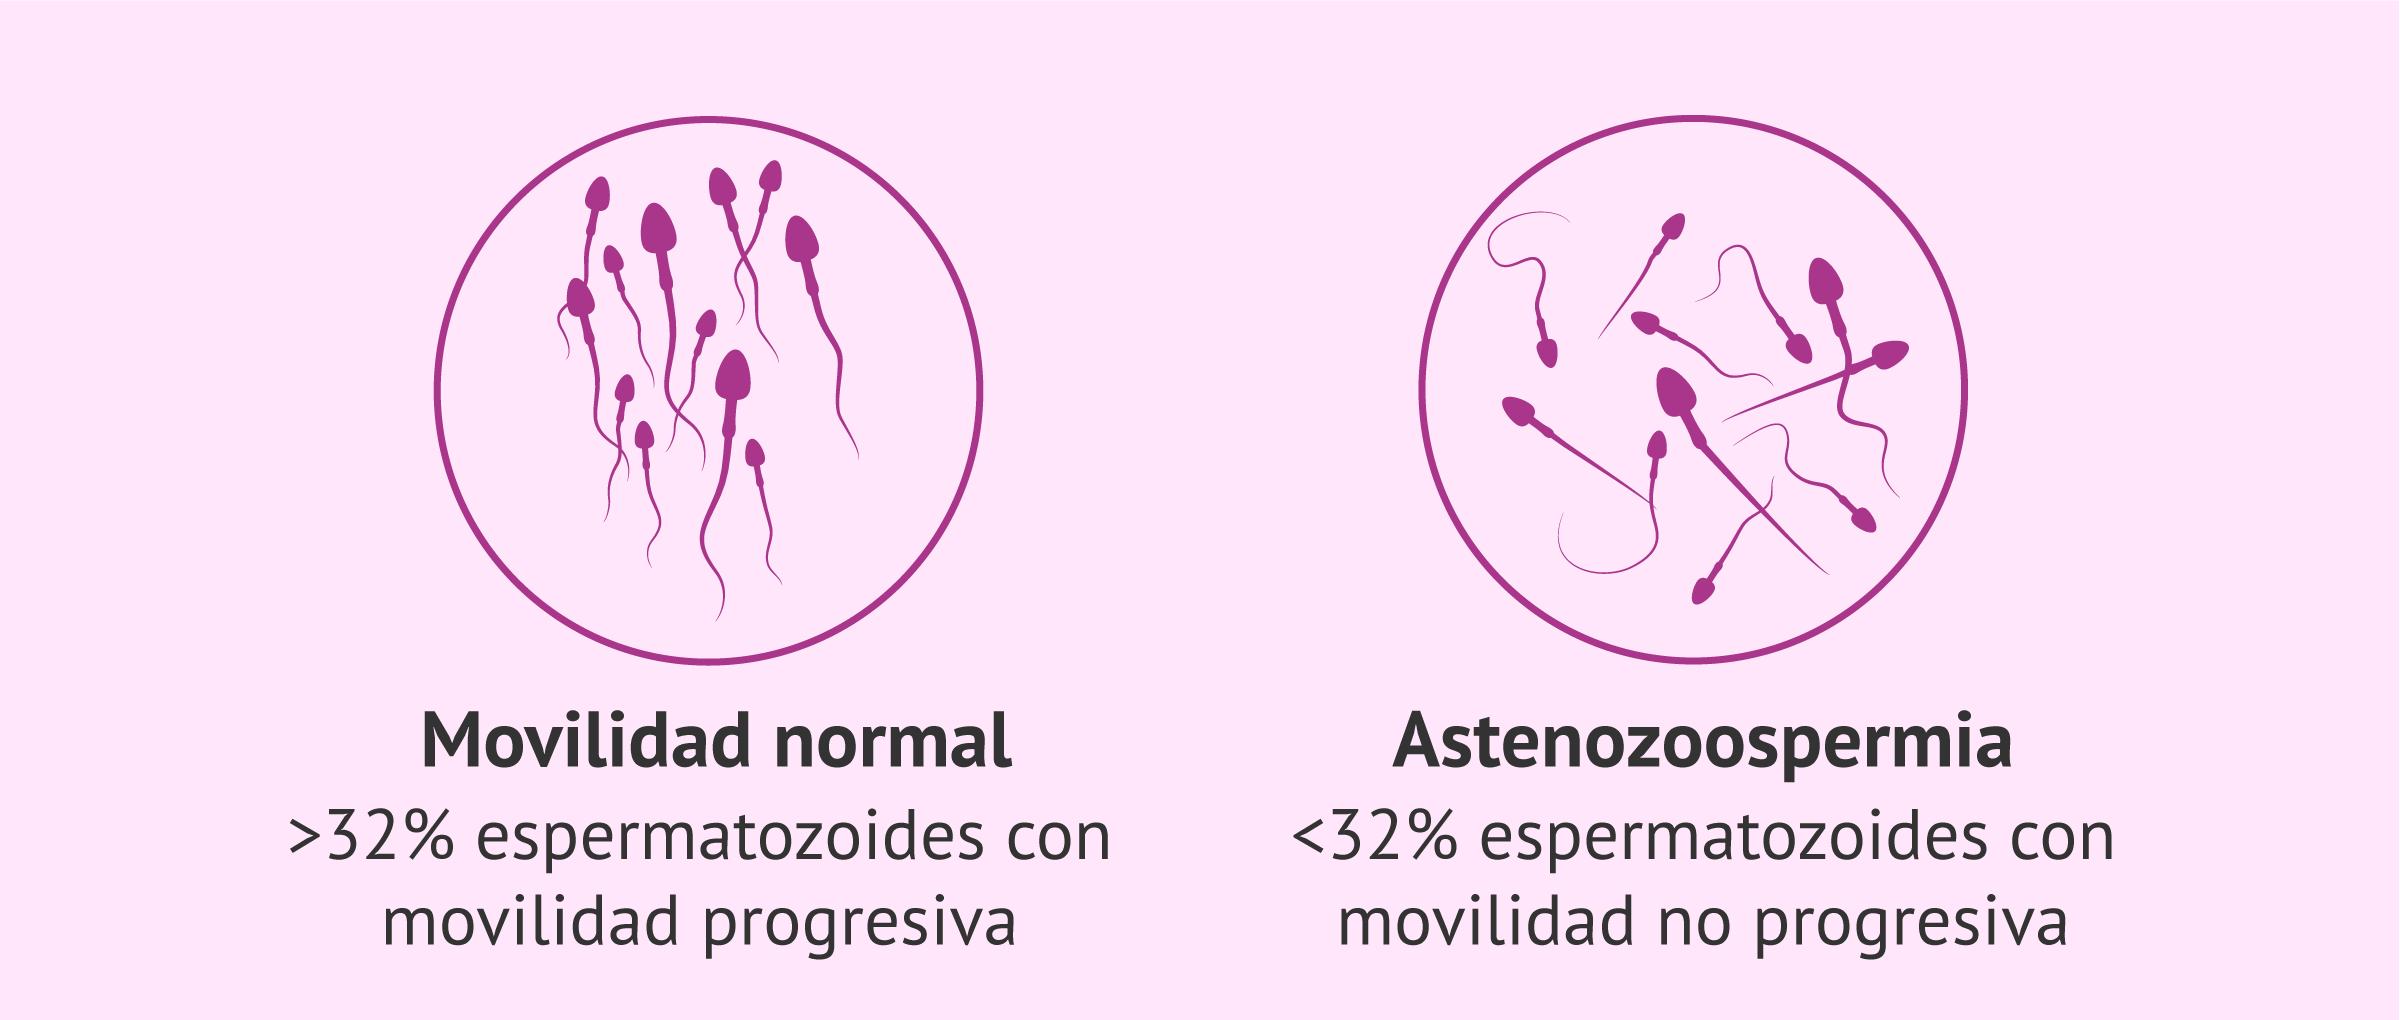 ICSI por problemas de movilidad de los espermatozoides